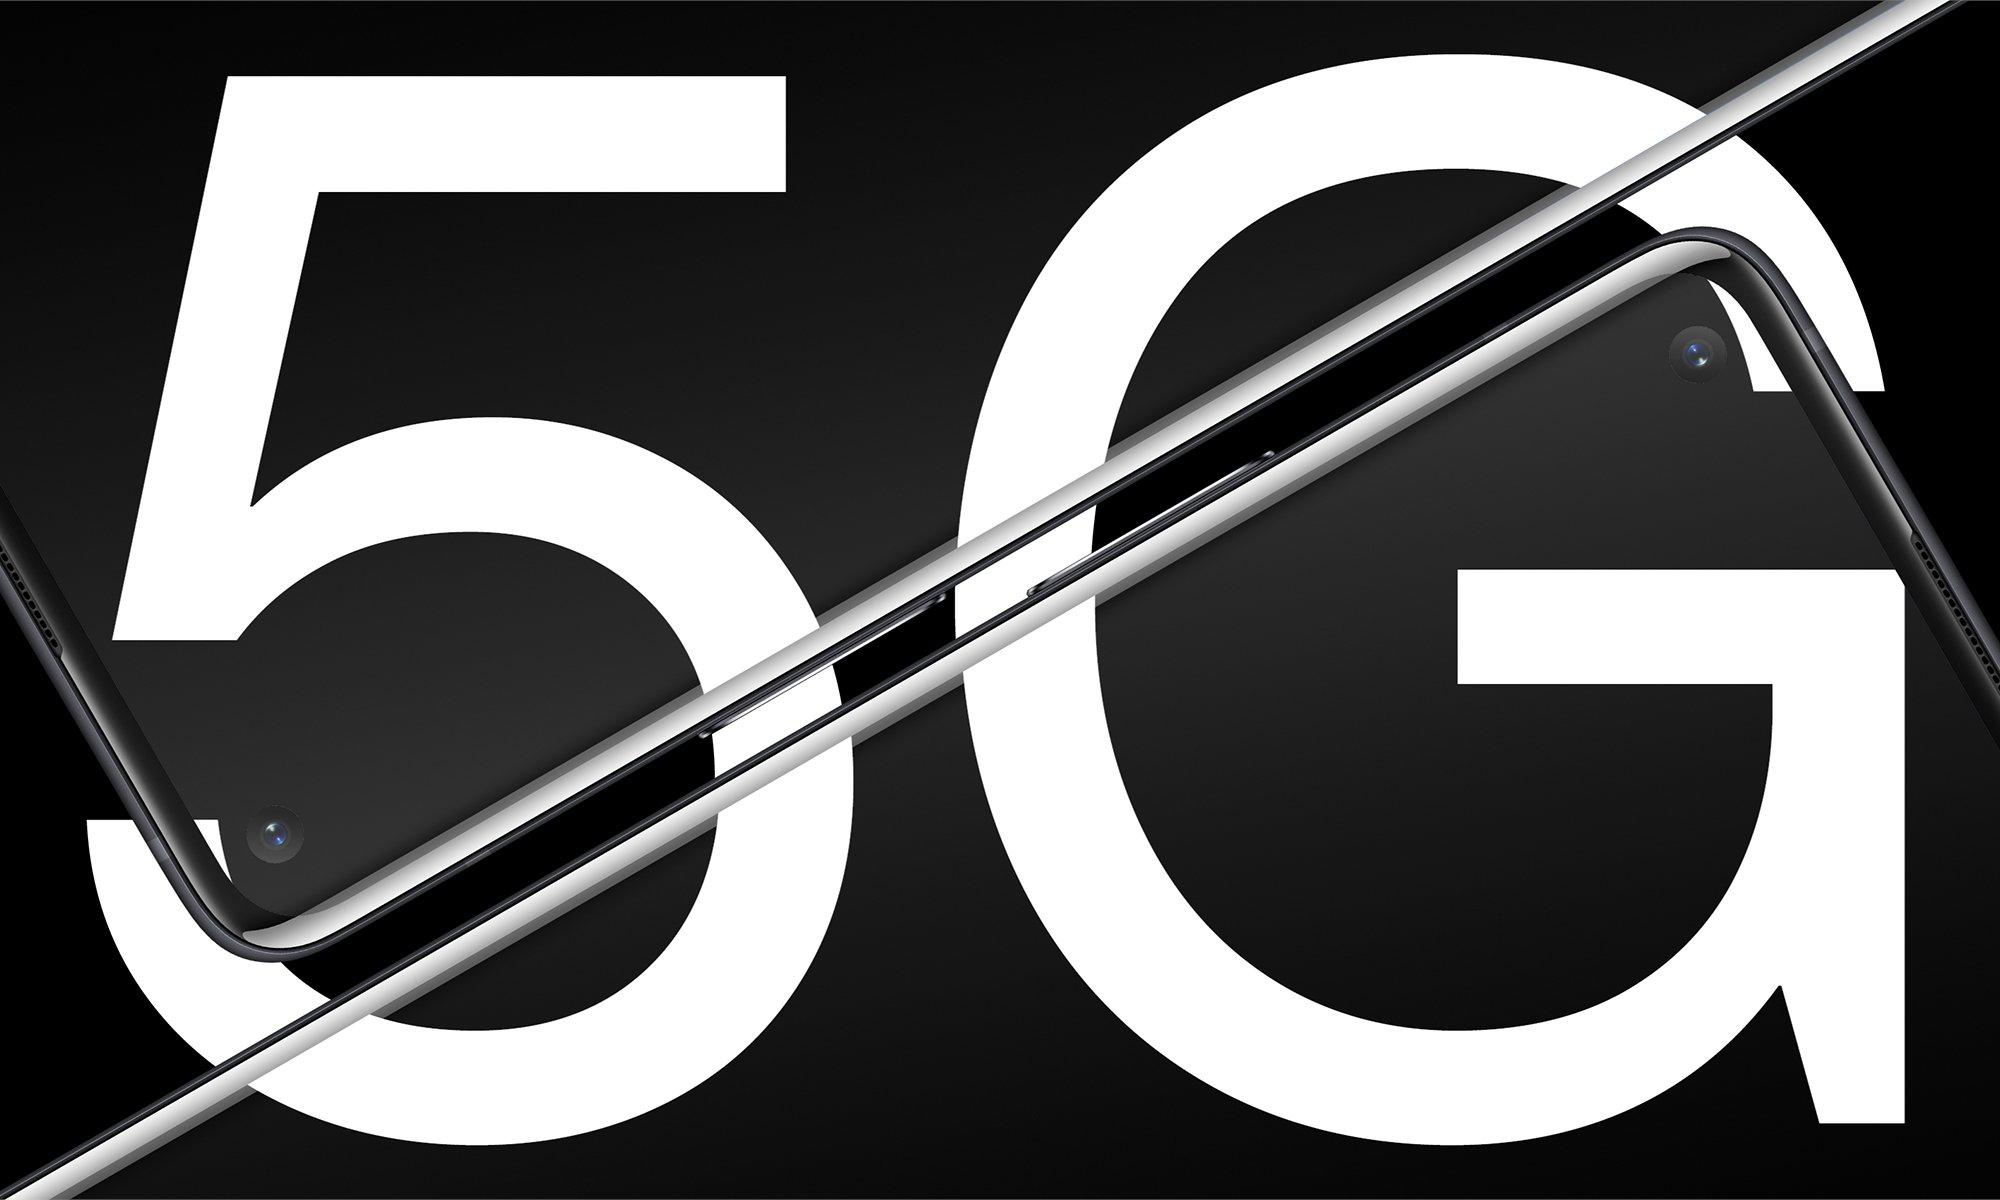 5G OnePlus 8